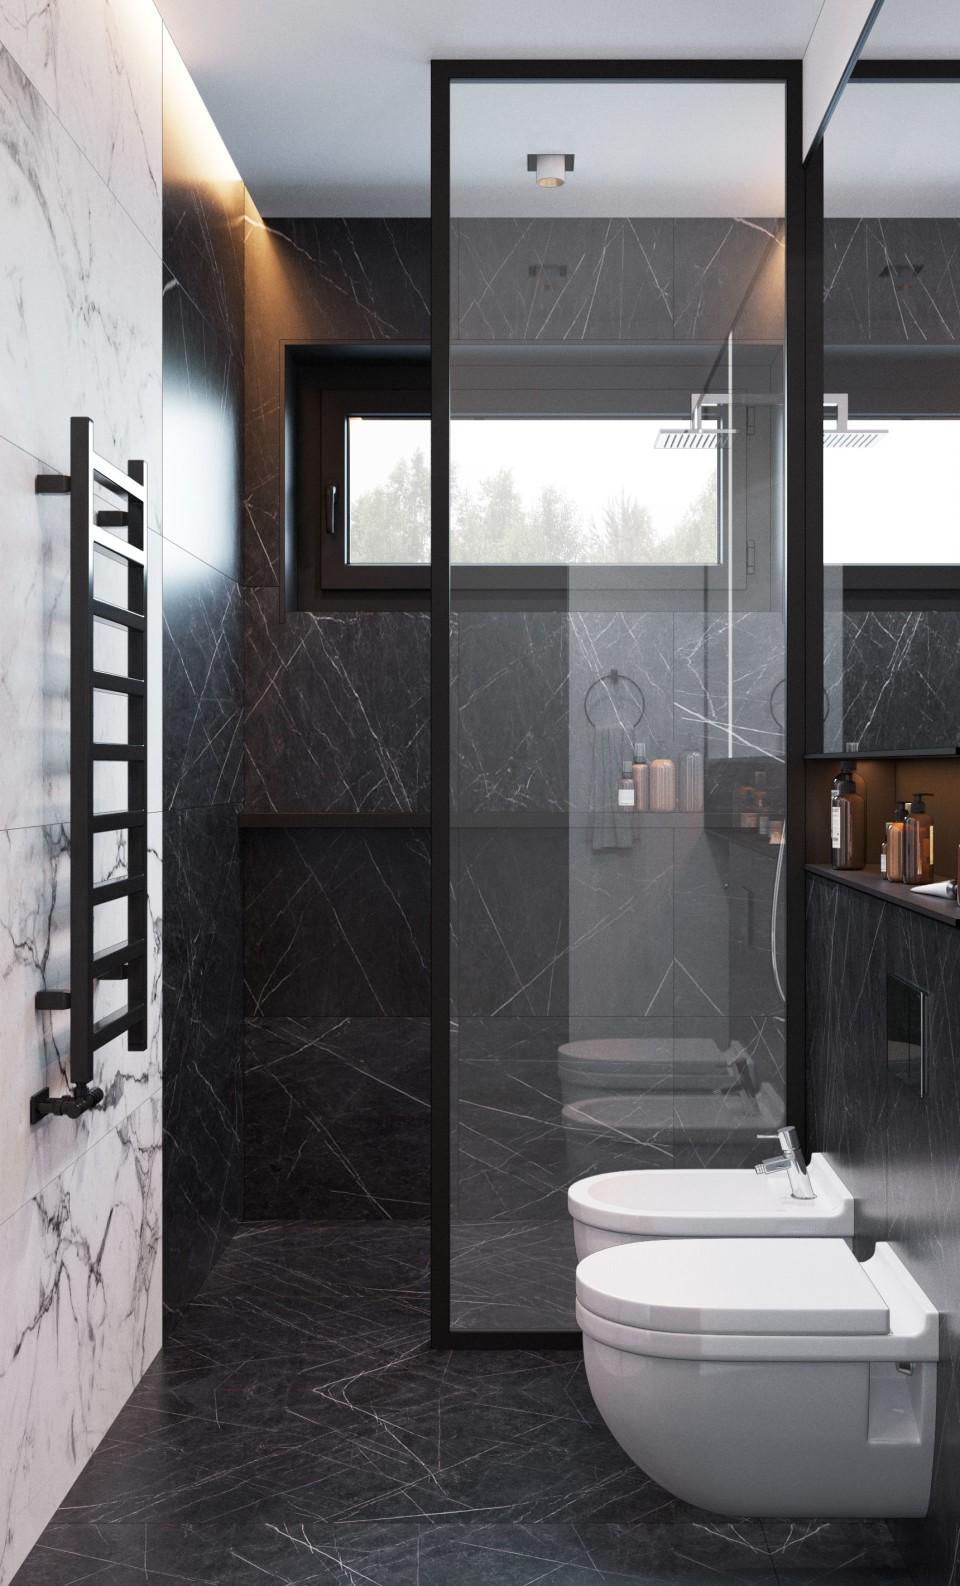 интерьер, дизайн, дизайн интерьера, проект, разработка, современный, современный интерьер, темный, зеленый, загородный дом, частный дом, санузел, гостевой санузел